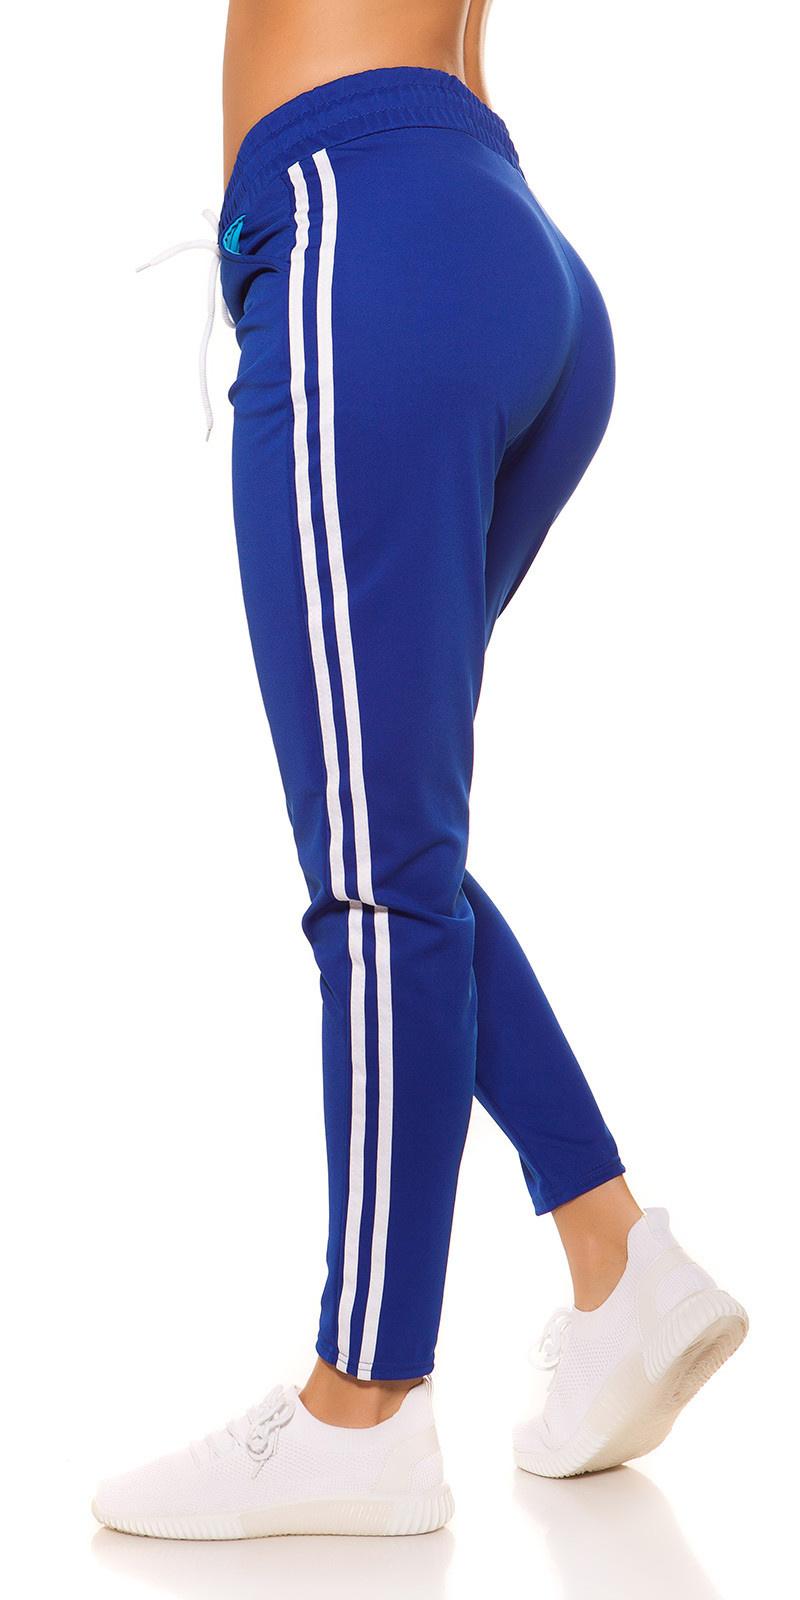 Trendy joggingbroek met strepen jaren 90 retro look koningsblauw